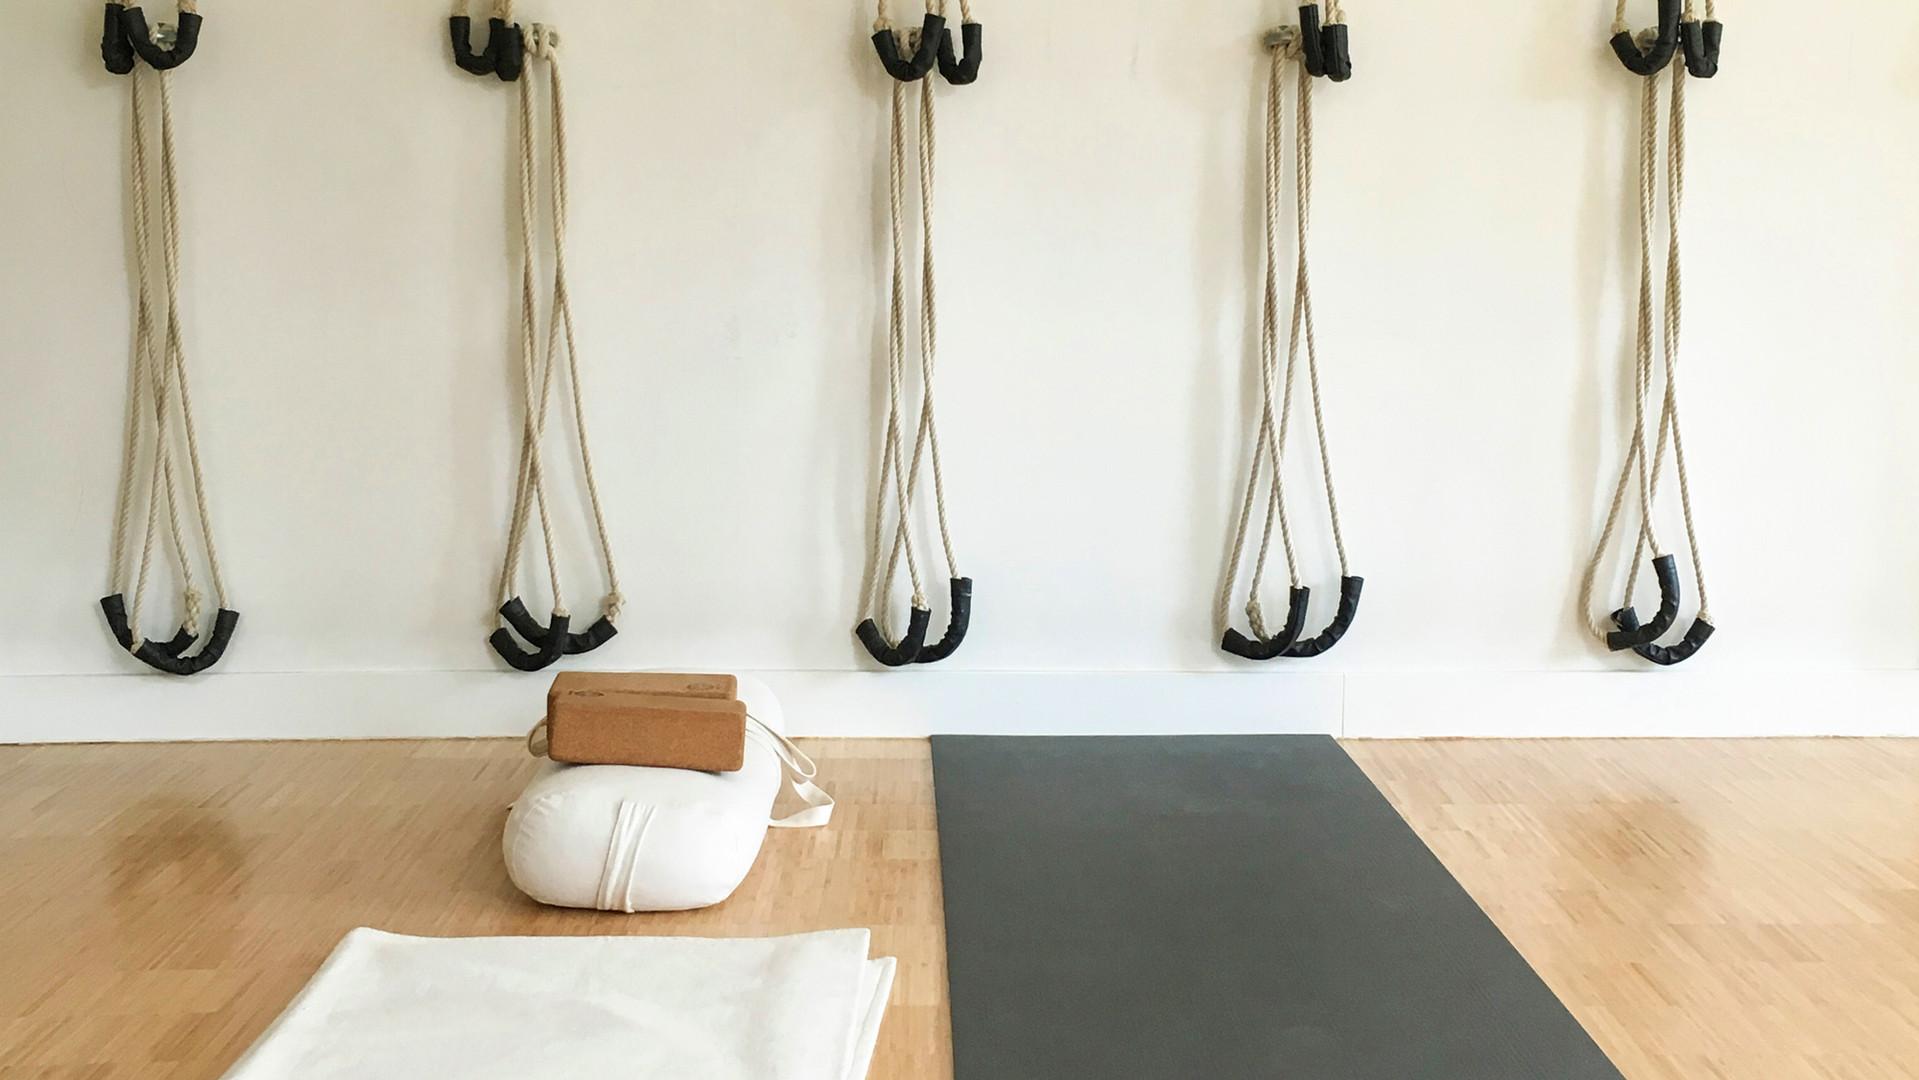 Inhouse Yoga Center